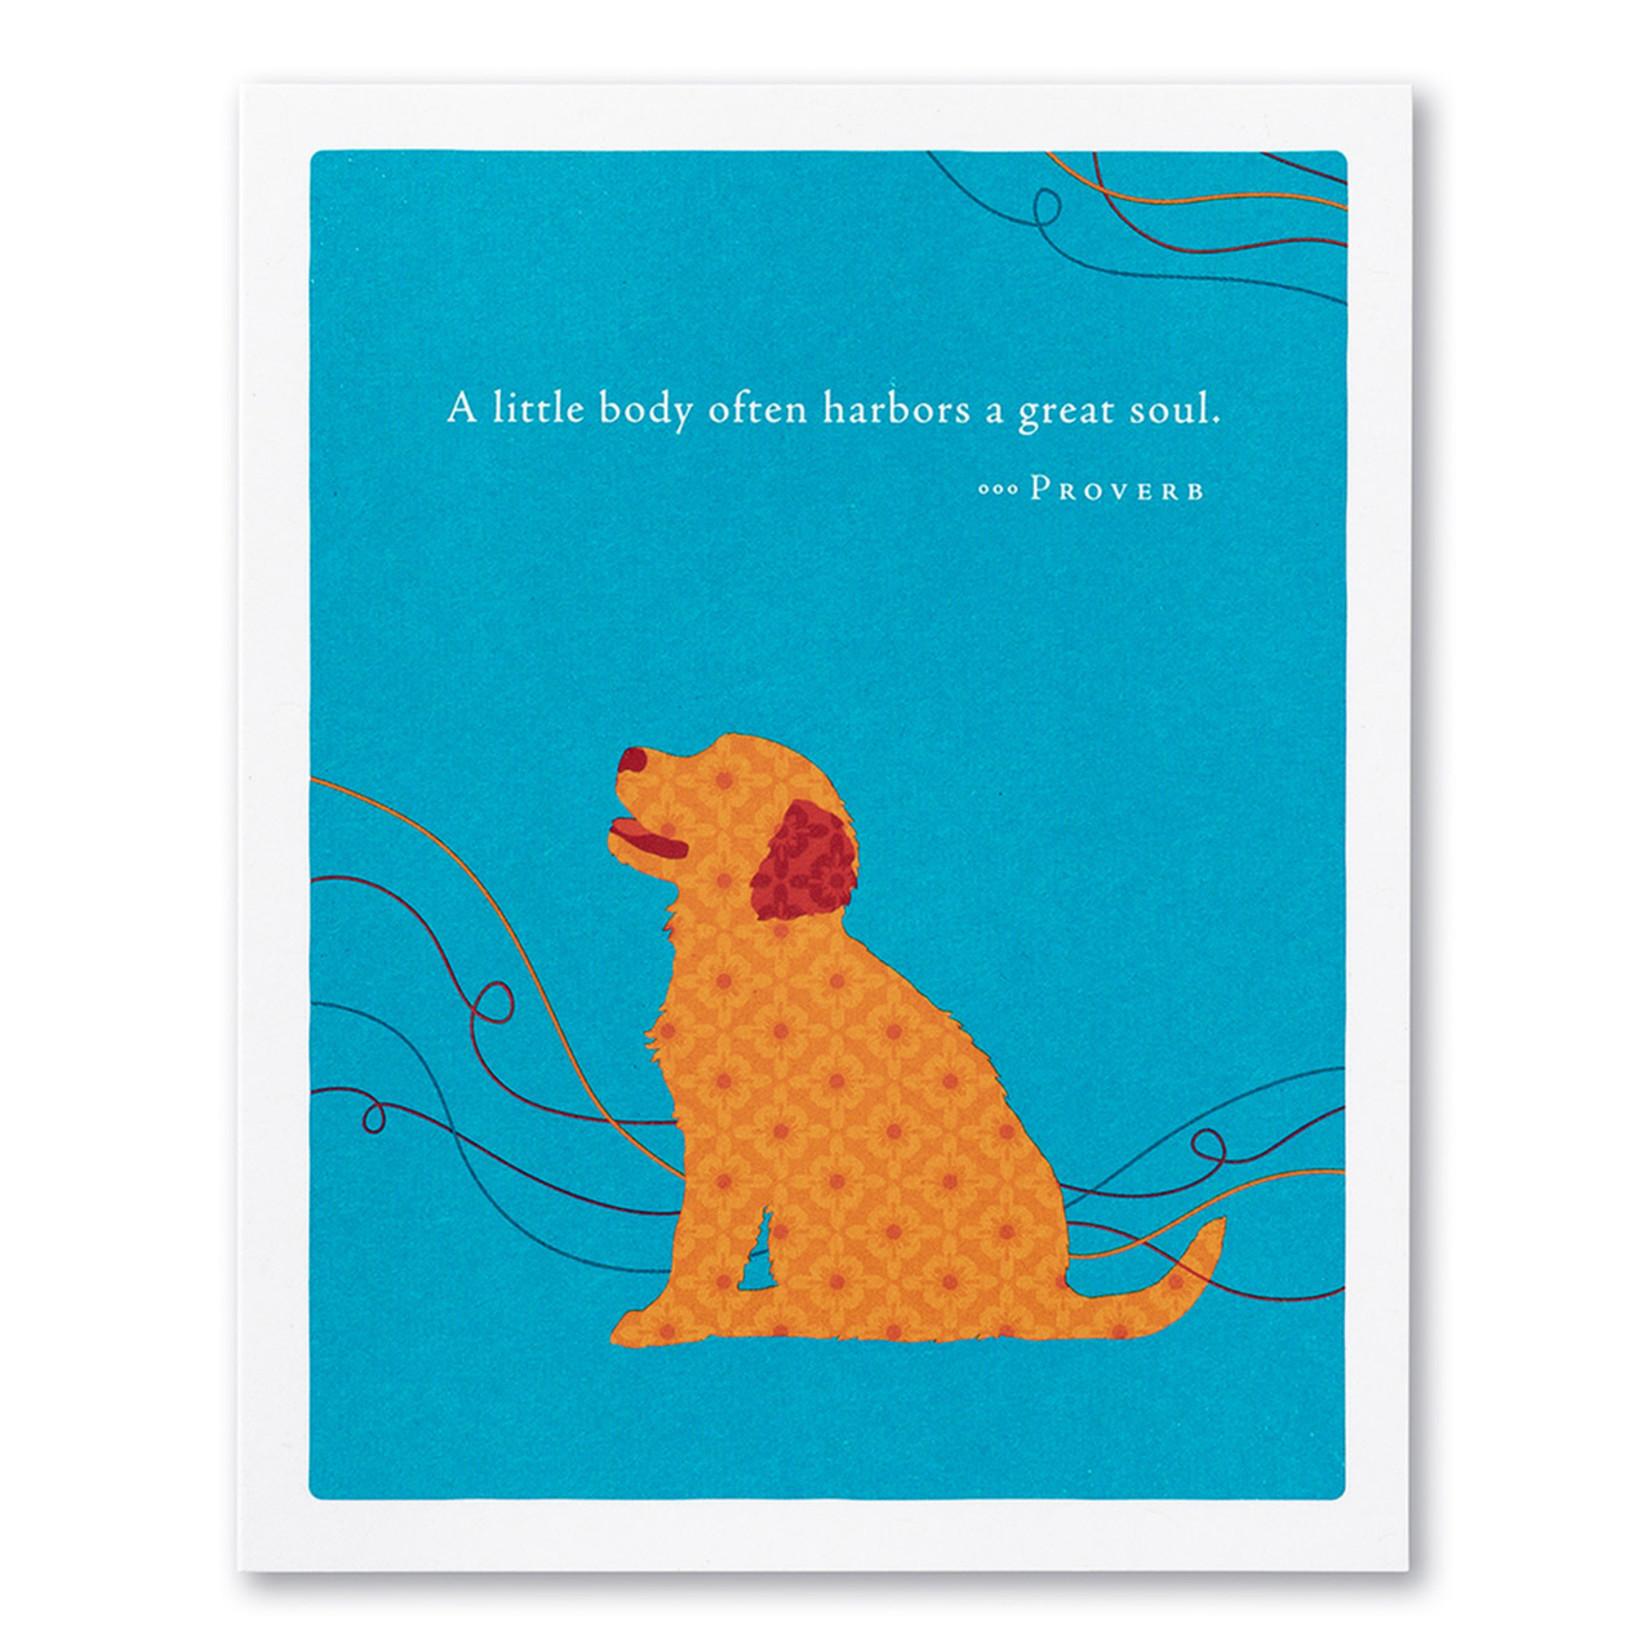 A LITTLE BODY OFTEN CARD